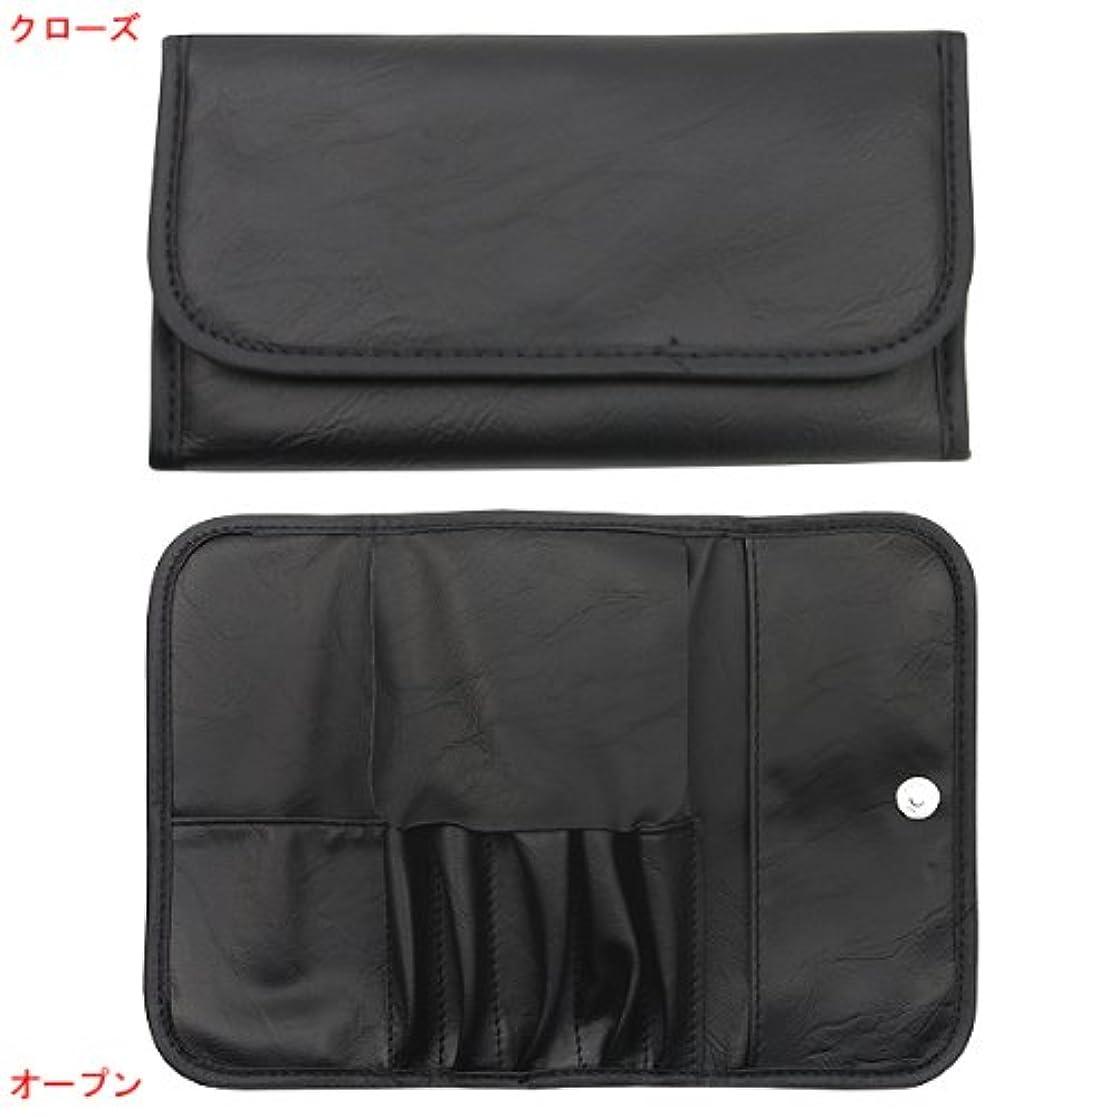 シャーク佐賀通知志々田 メイクブラシケース No.115 BK ブラック 縦:約18×横:約10cm